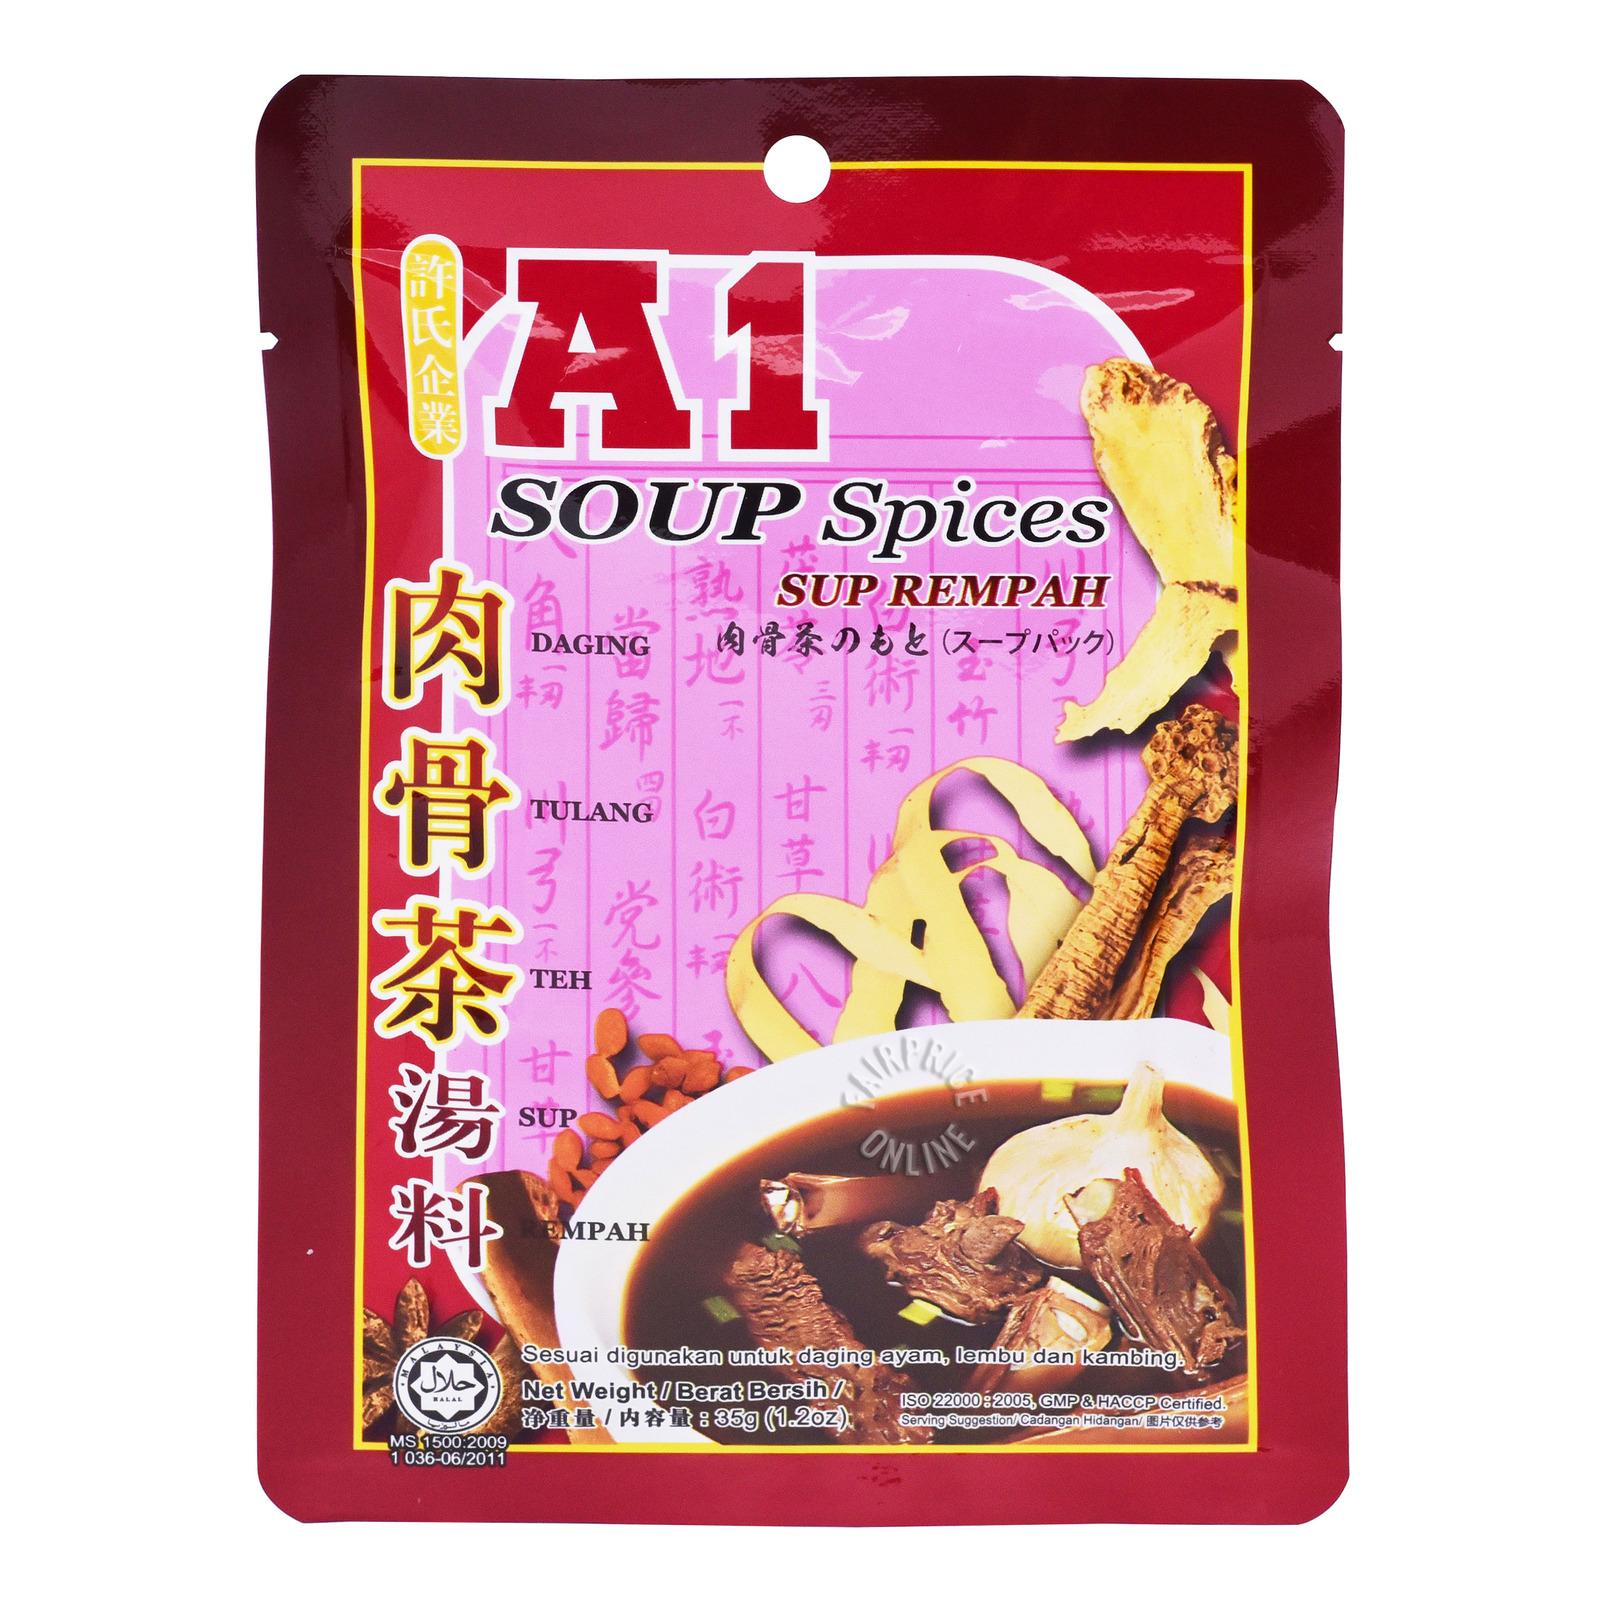 A1 Soup Spices - Bak Kut Teh